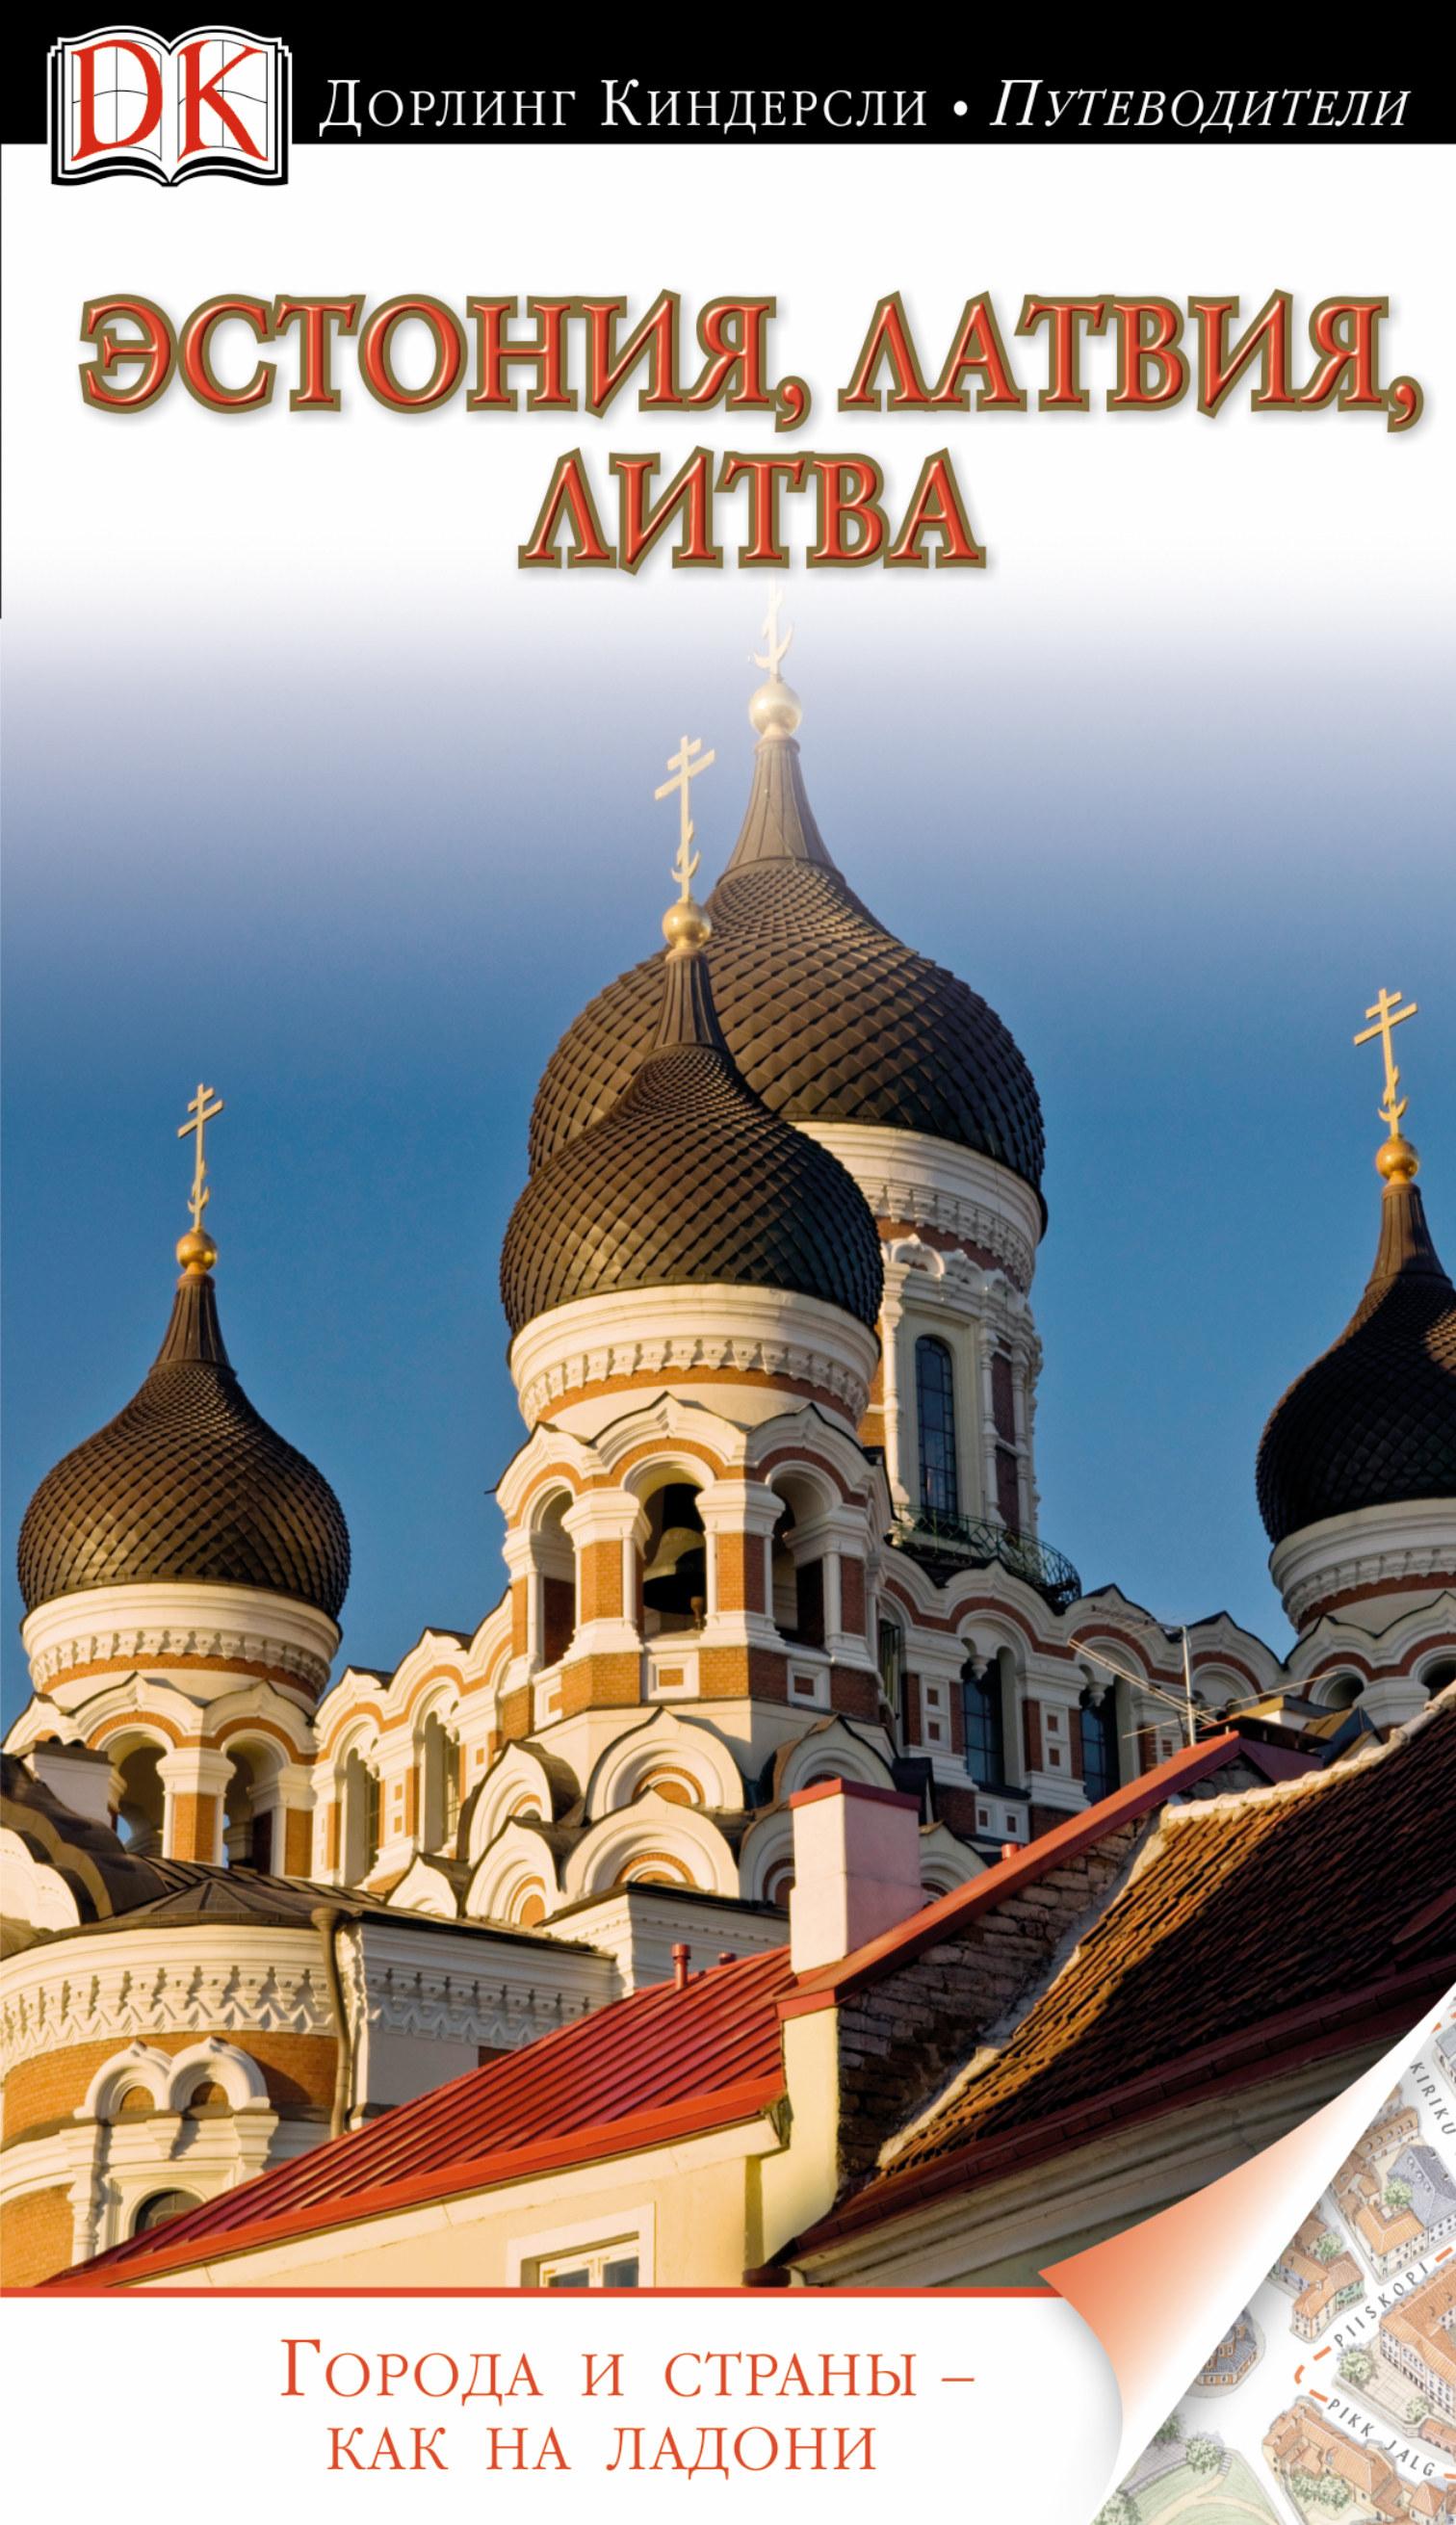 Фото - . Эстония, Латвия, Литва кривошеина г г перев лондон самый подробный и популярный путеводитель